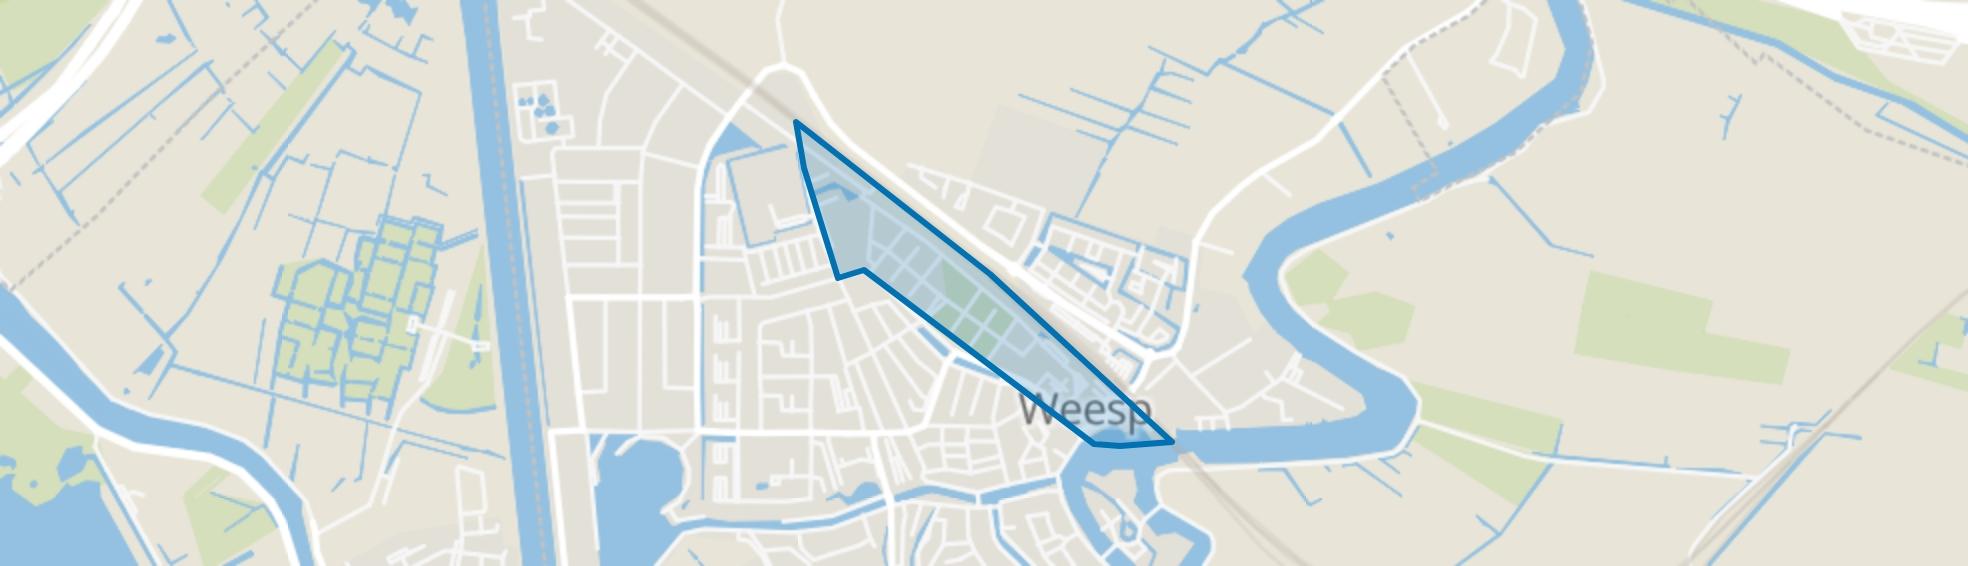 Dichtersbuurt, Weesp map